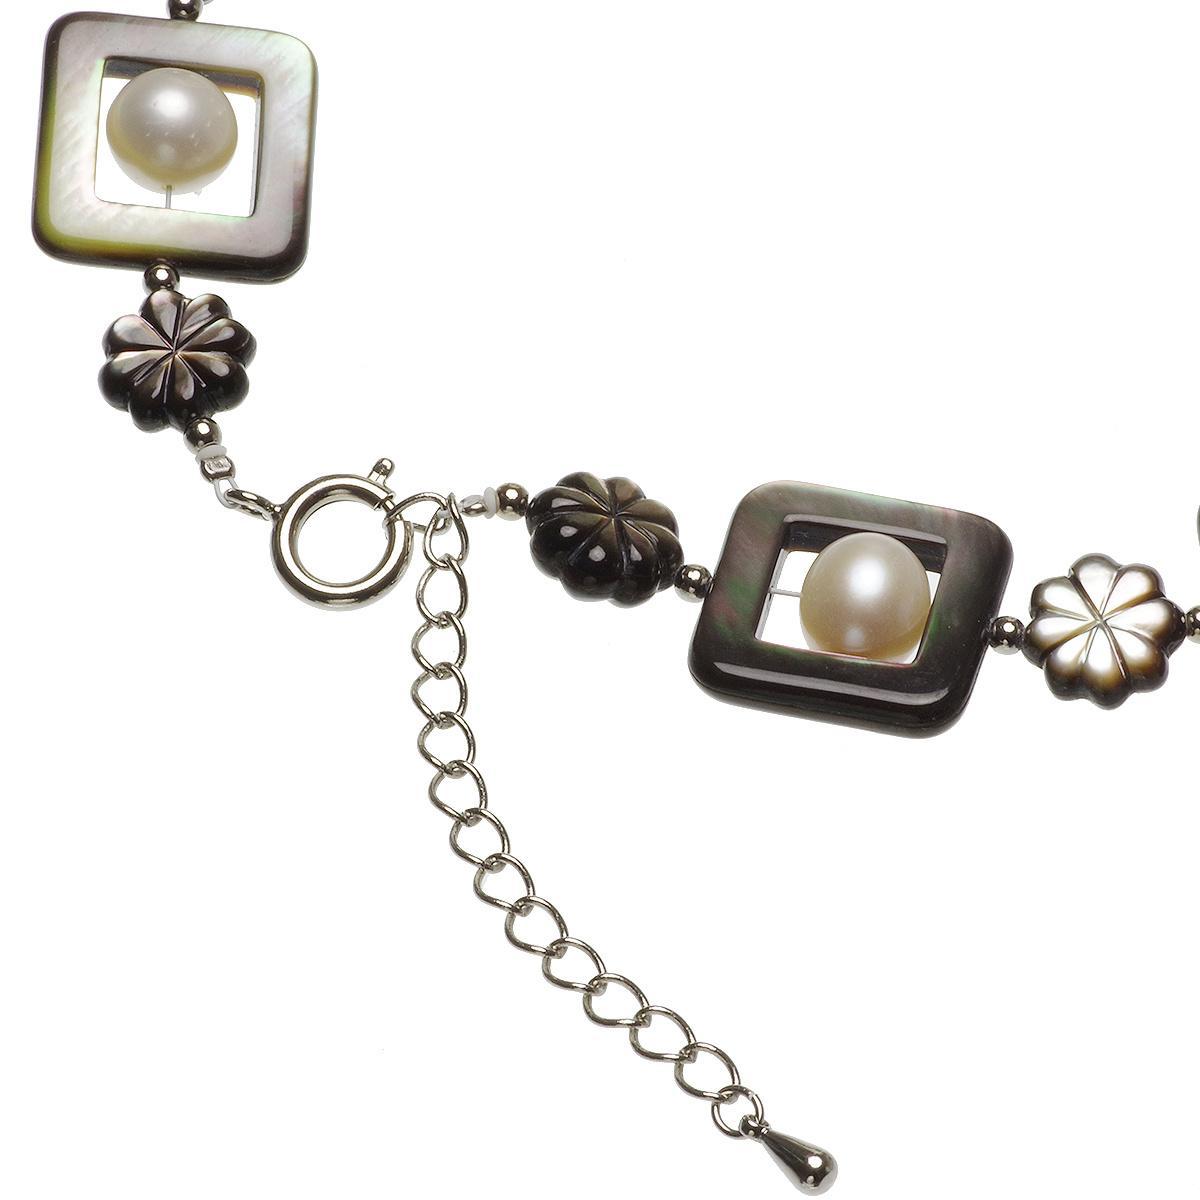 黒蝶シェル 淡水真珠 オリジナル ネックレス 8.0-9.0mmの写真